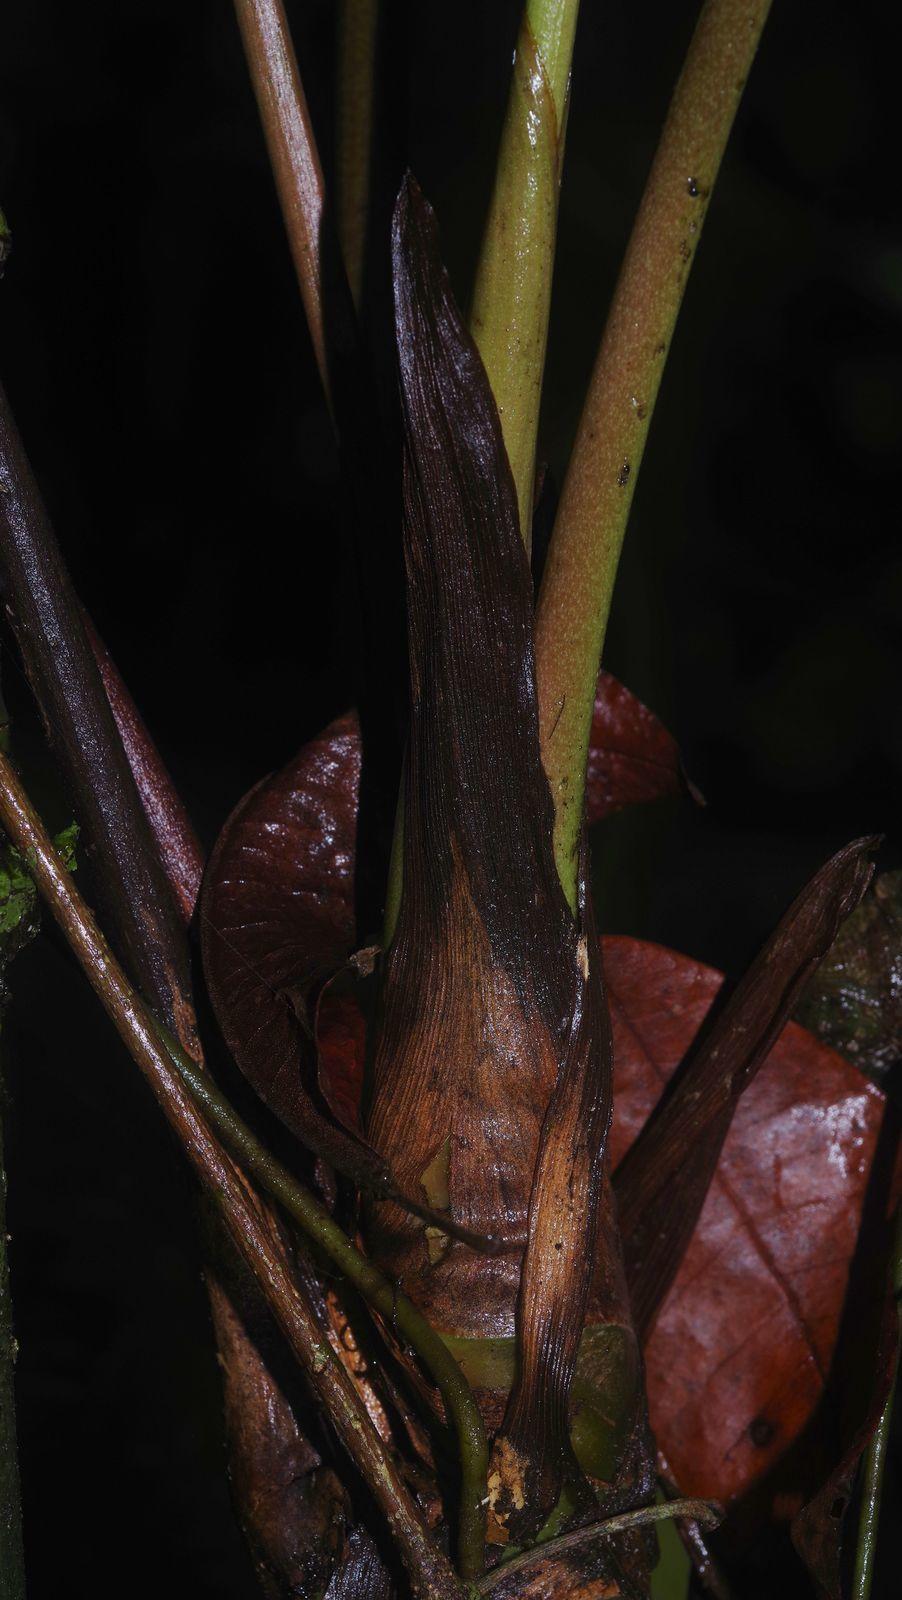 Anthurium sagittatum